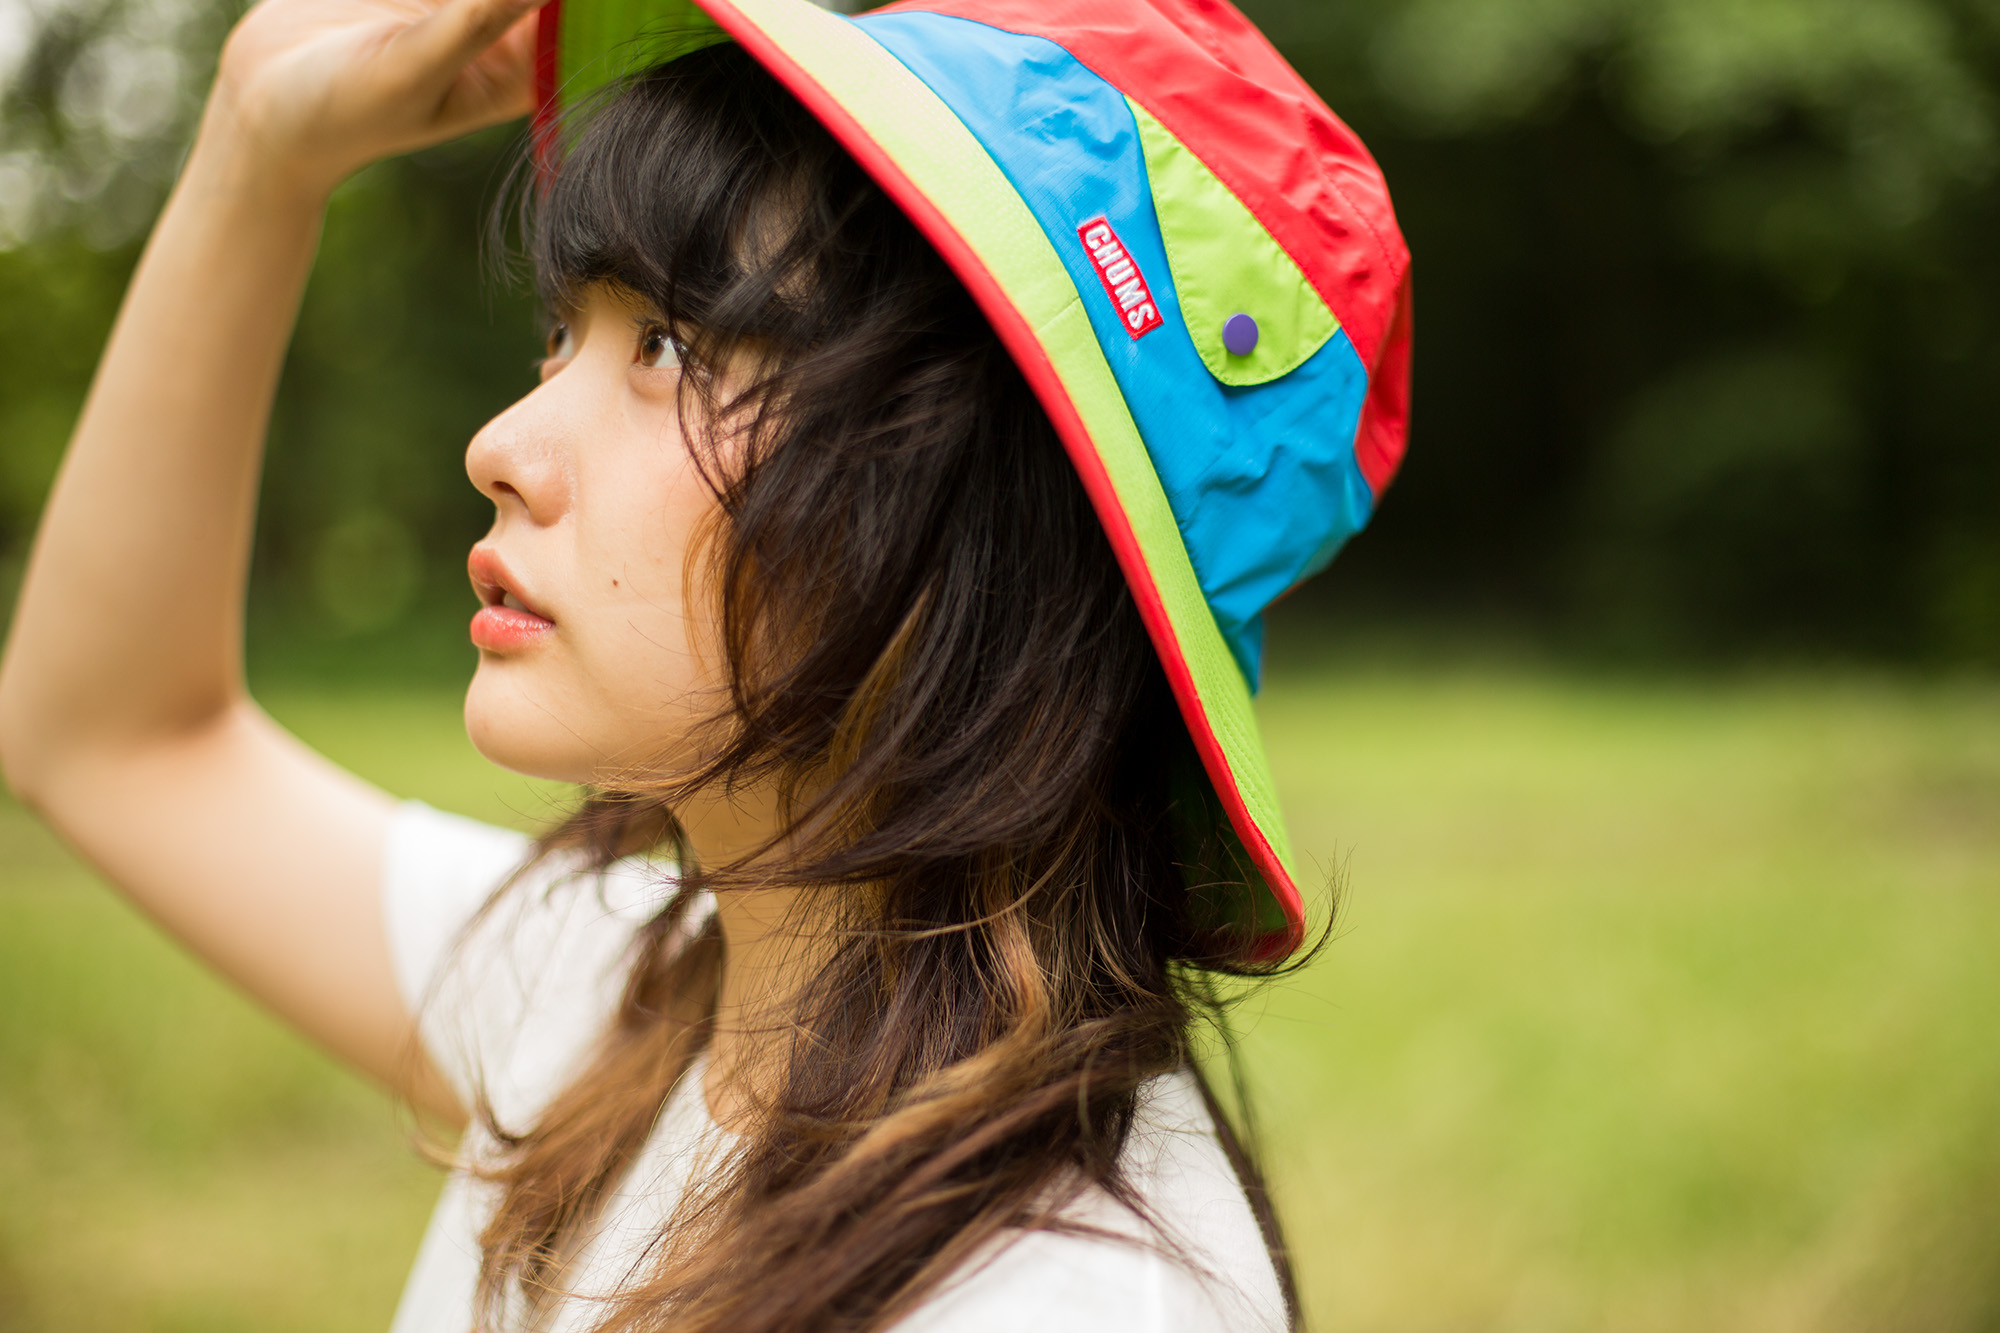 【フェスファッション】フジロックにも着ていきたい!2016年、夏フェスコーデ R7A3930